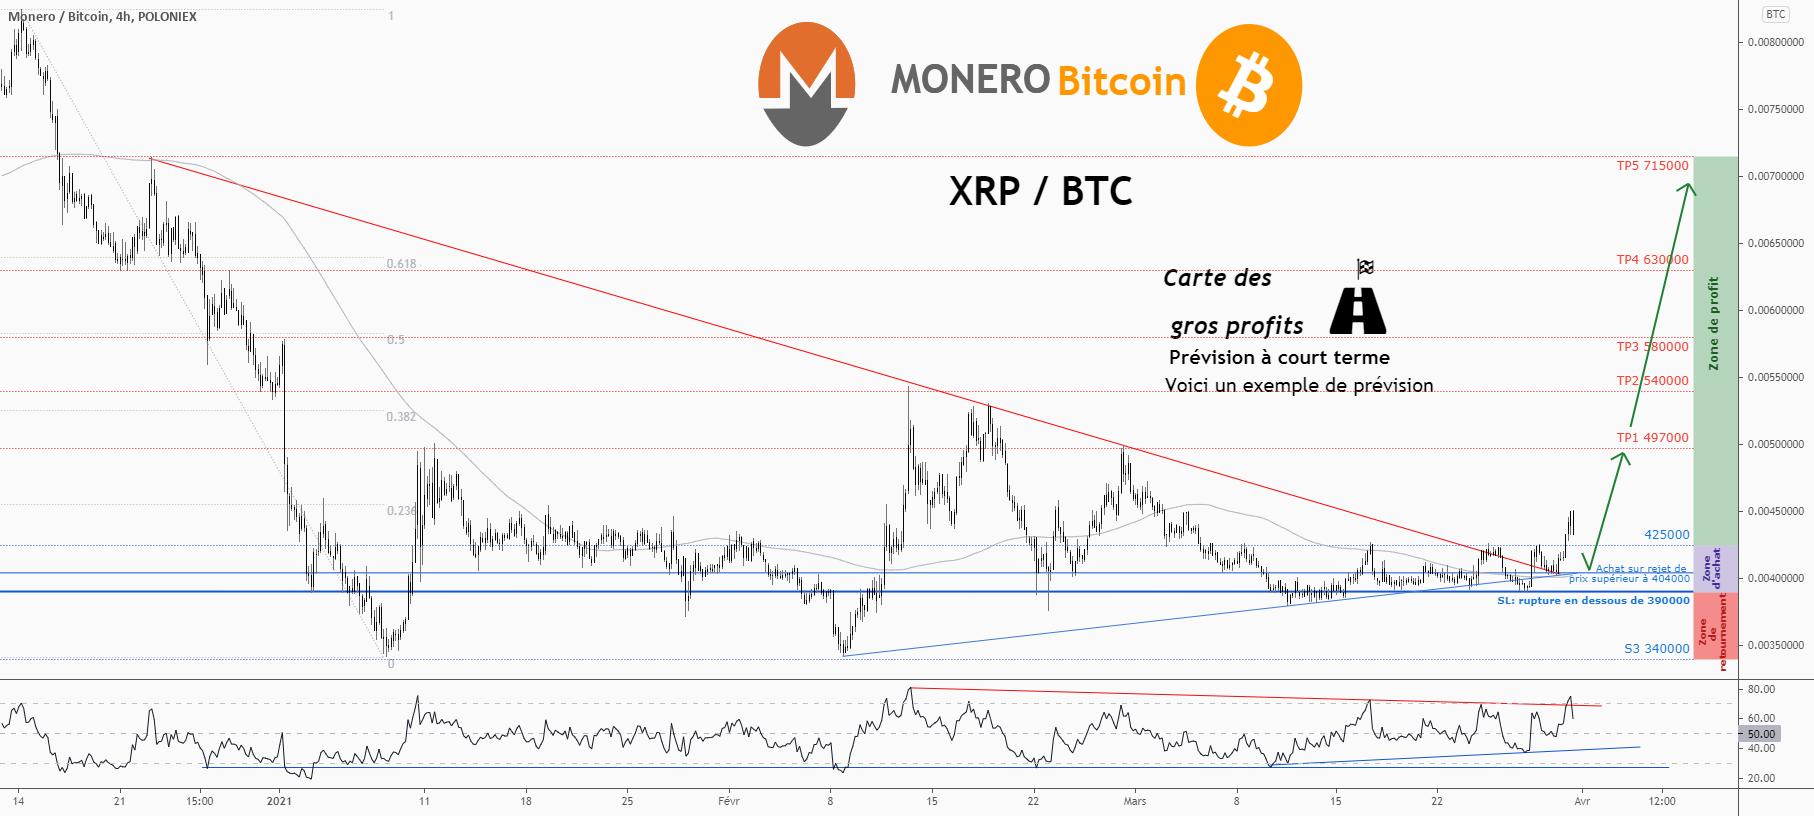 💡C'est une grande opportunité d'achat sur XMRBTC pour POLONIEX:XMRBTC par ForecastCity_Francais